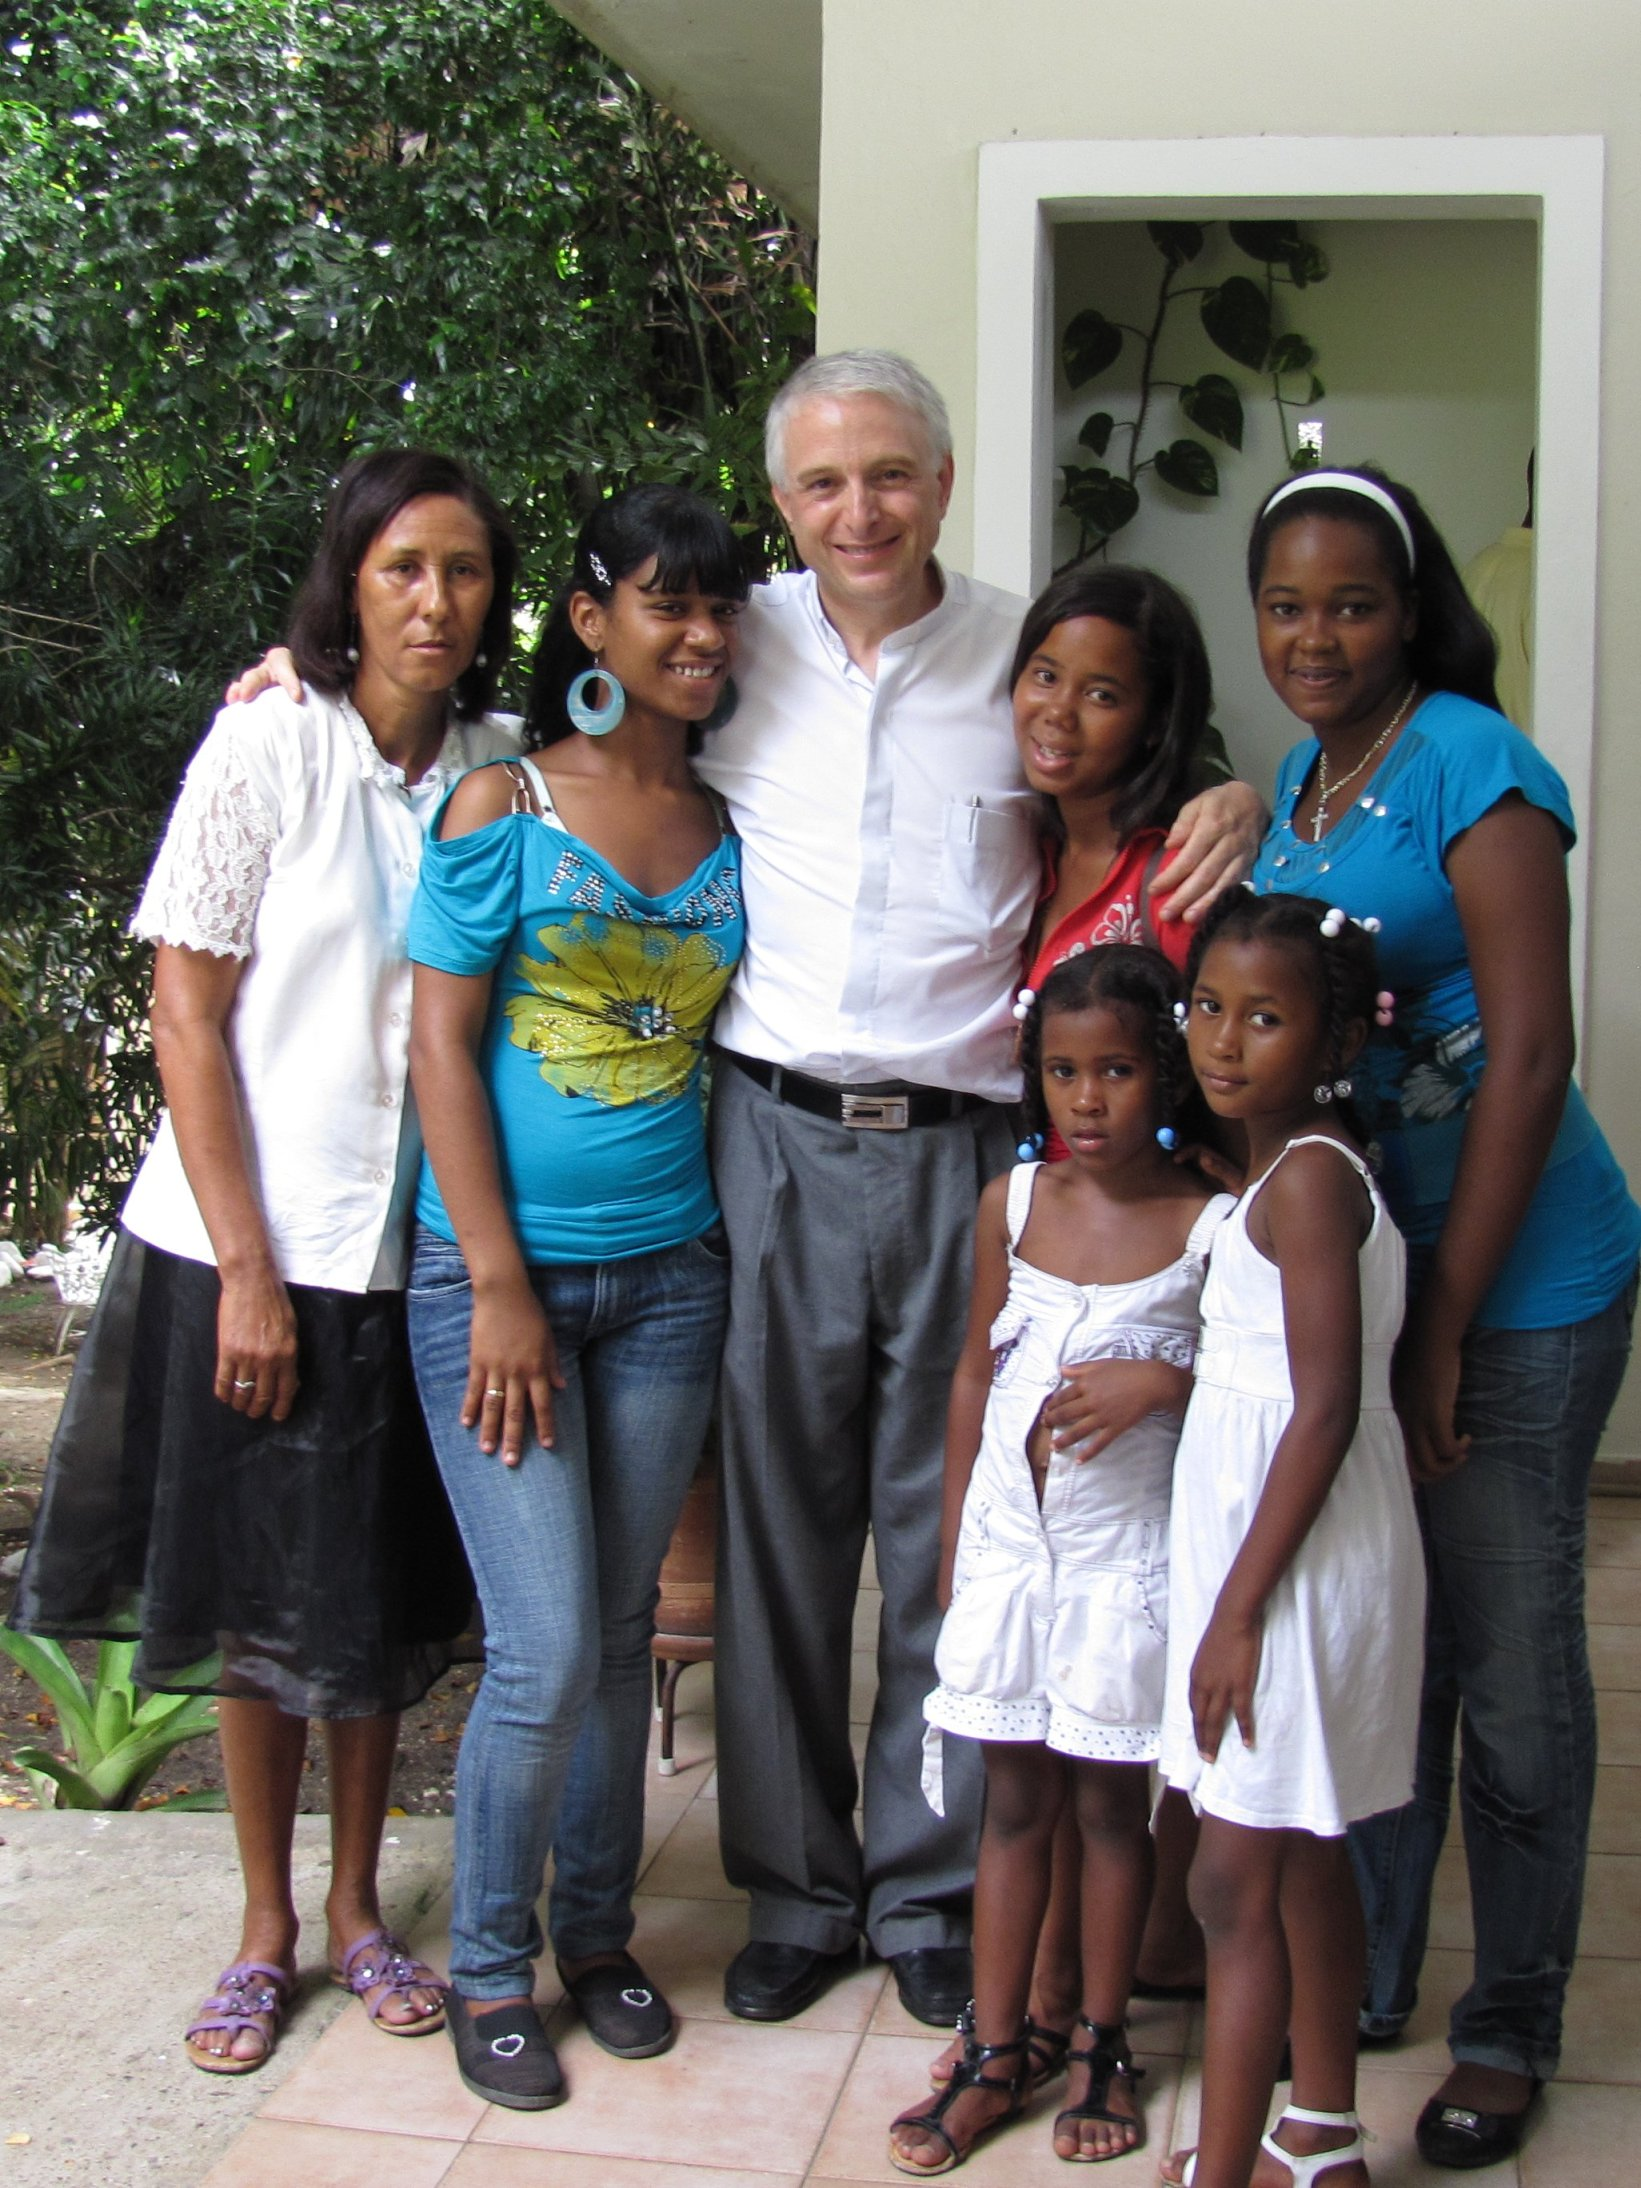 guaricano_convivencia_2012-06-24-14-11-02